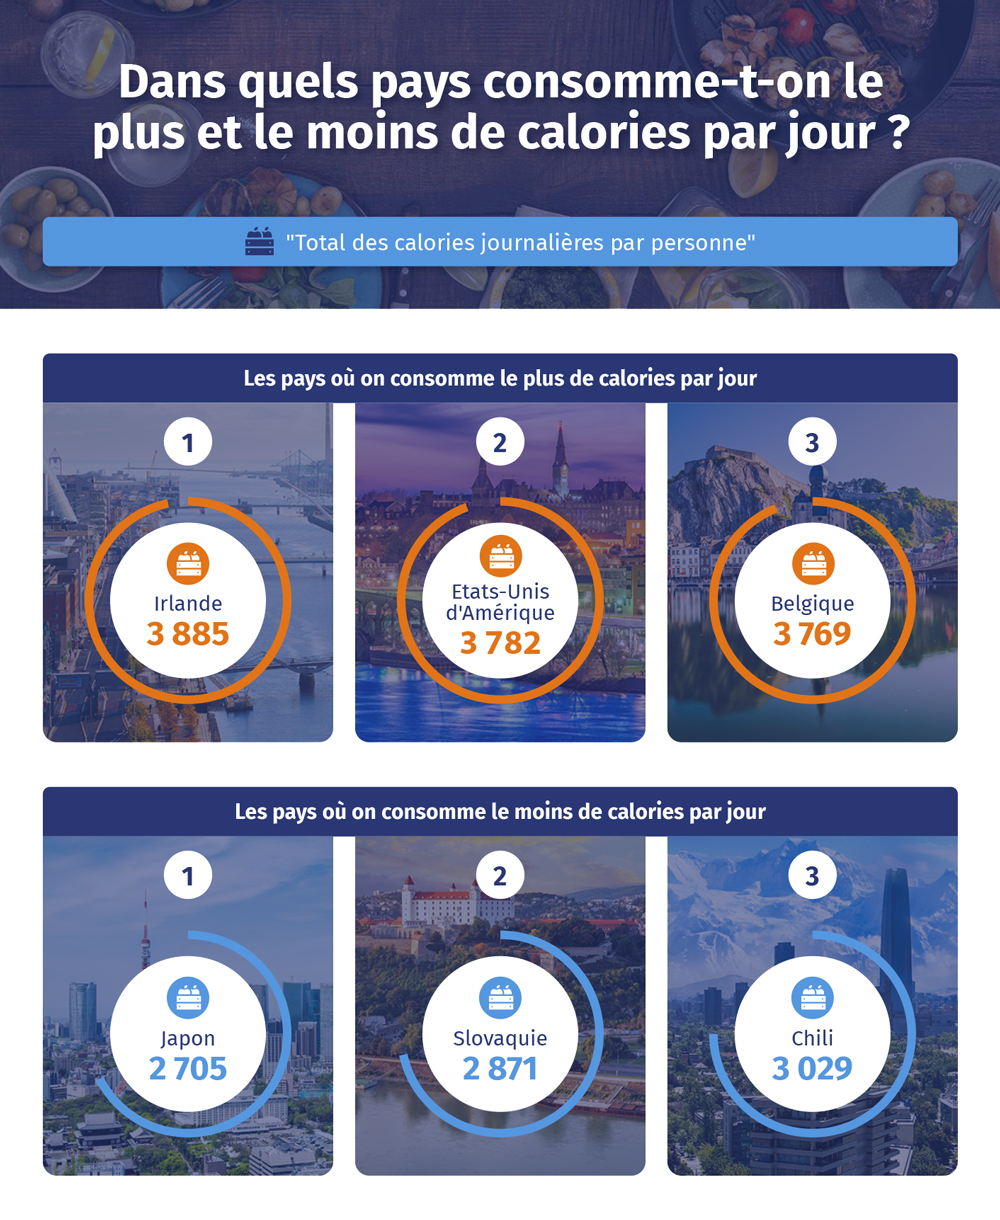 apport calorique dans le monde